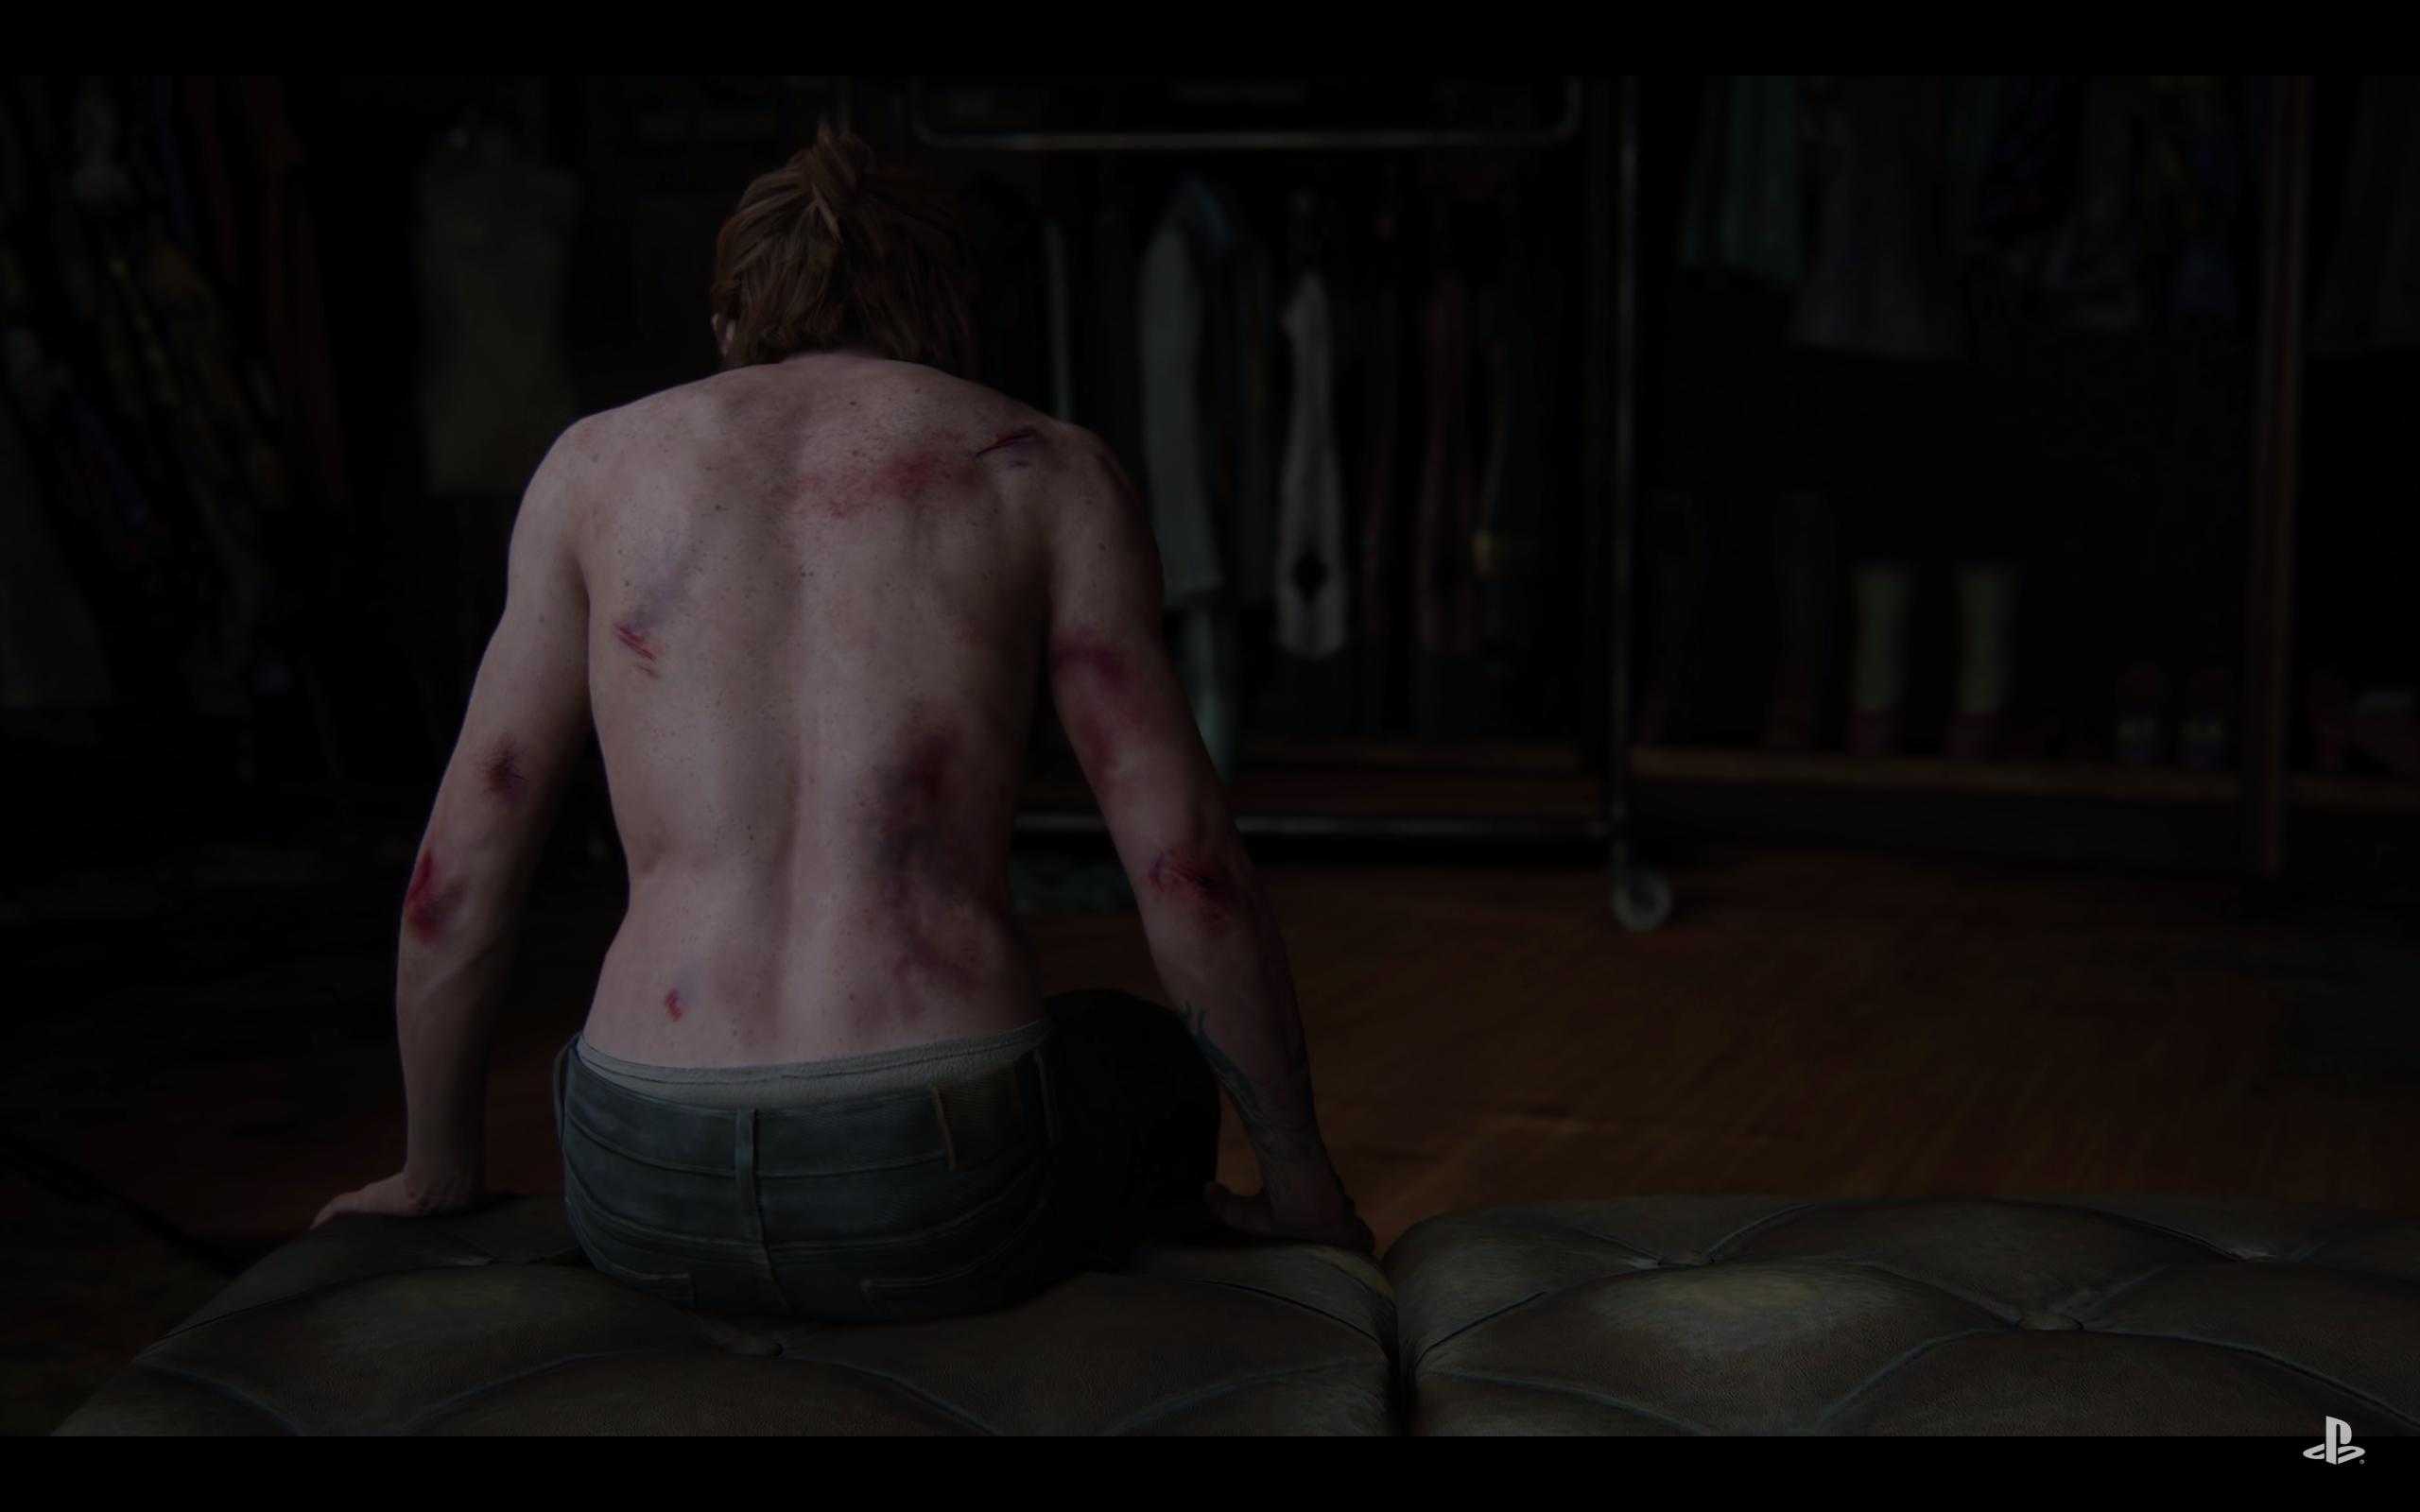 《最後生還者2》於 2020 年 2 月 21 日上市